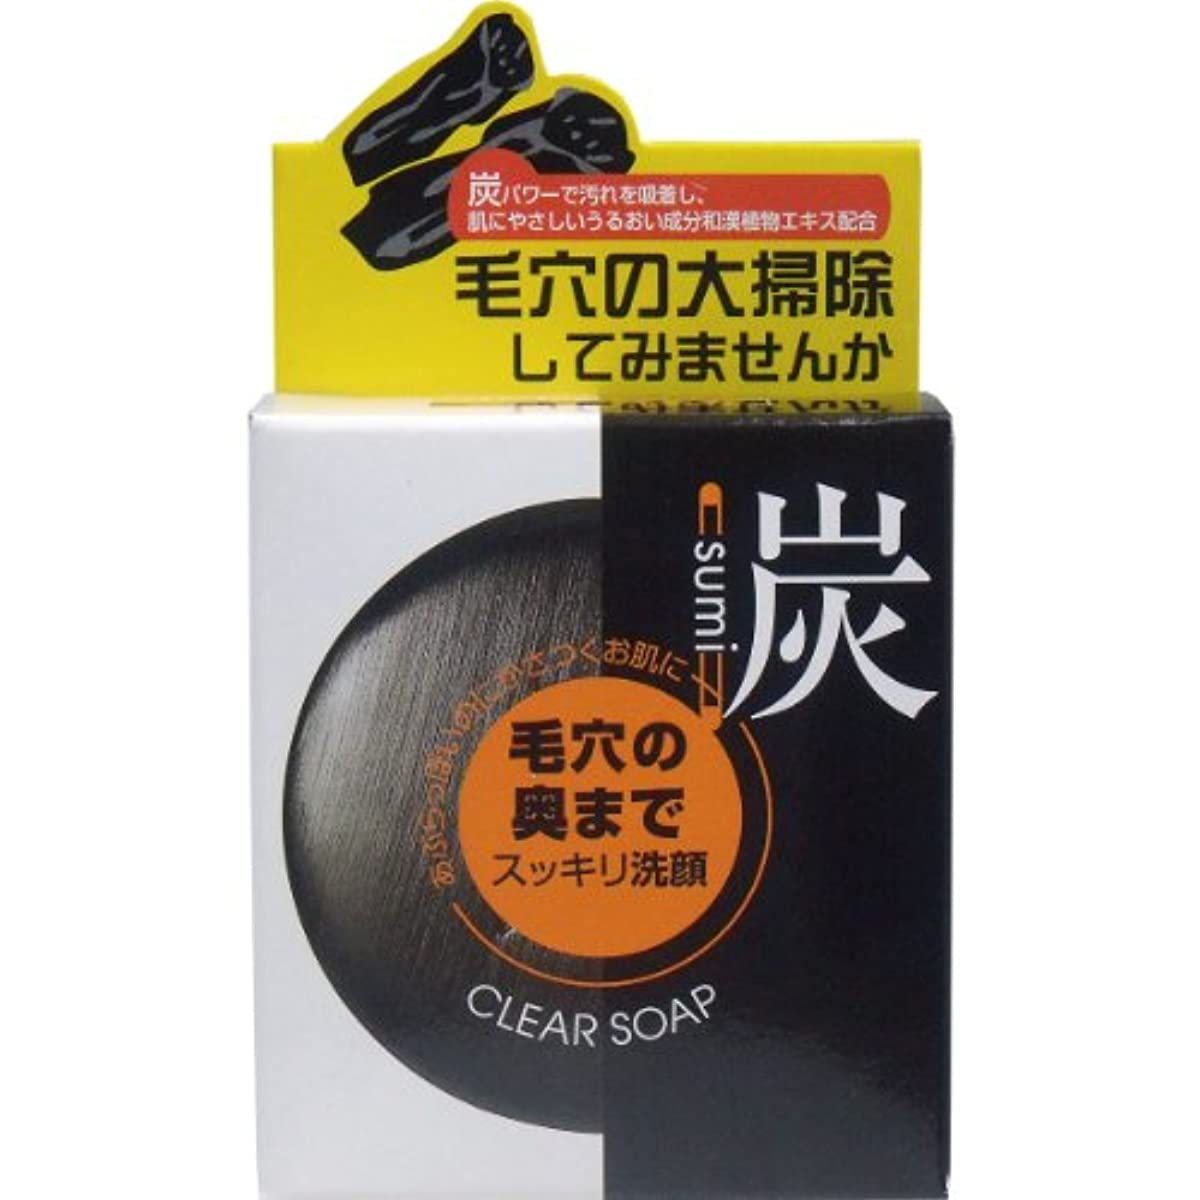 爆風バレーボールシチリアユゼ炭透明石けん100g×6個セット